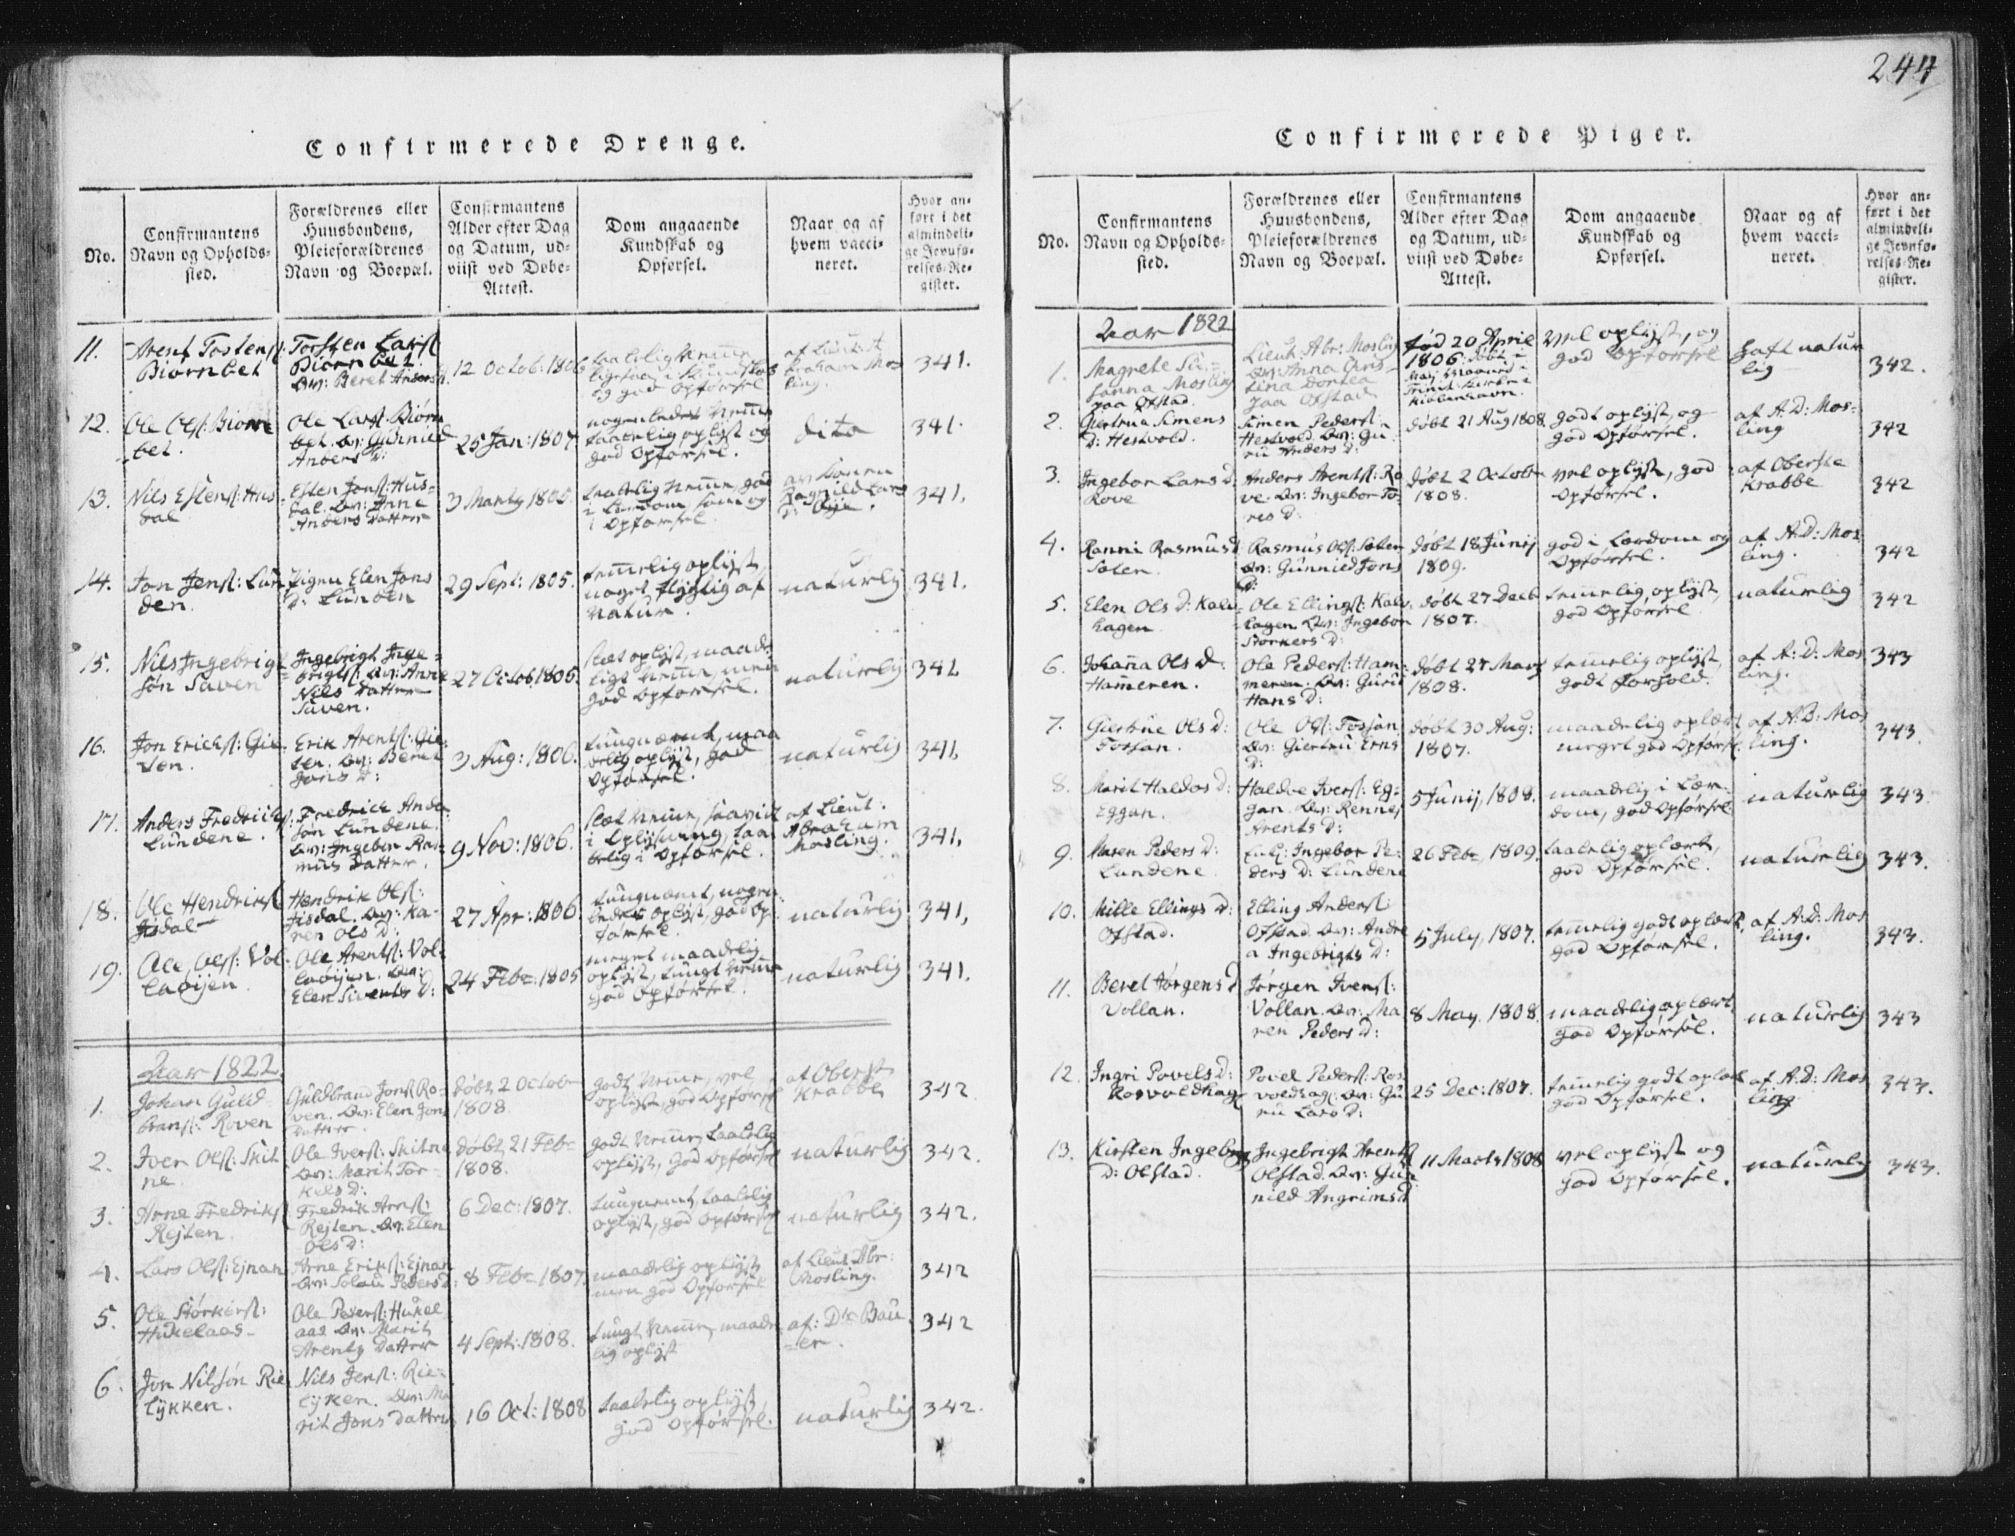 SAT, Ministerialprotokoller, klokkerbøker og fødselsregistre - Sør-Trøndelag, 665/L0770: Ministerialbok nr. 665A05, 1817-1829, s. 244